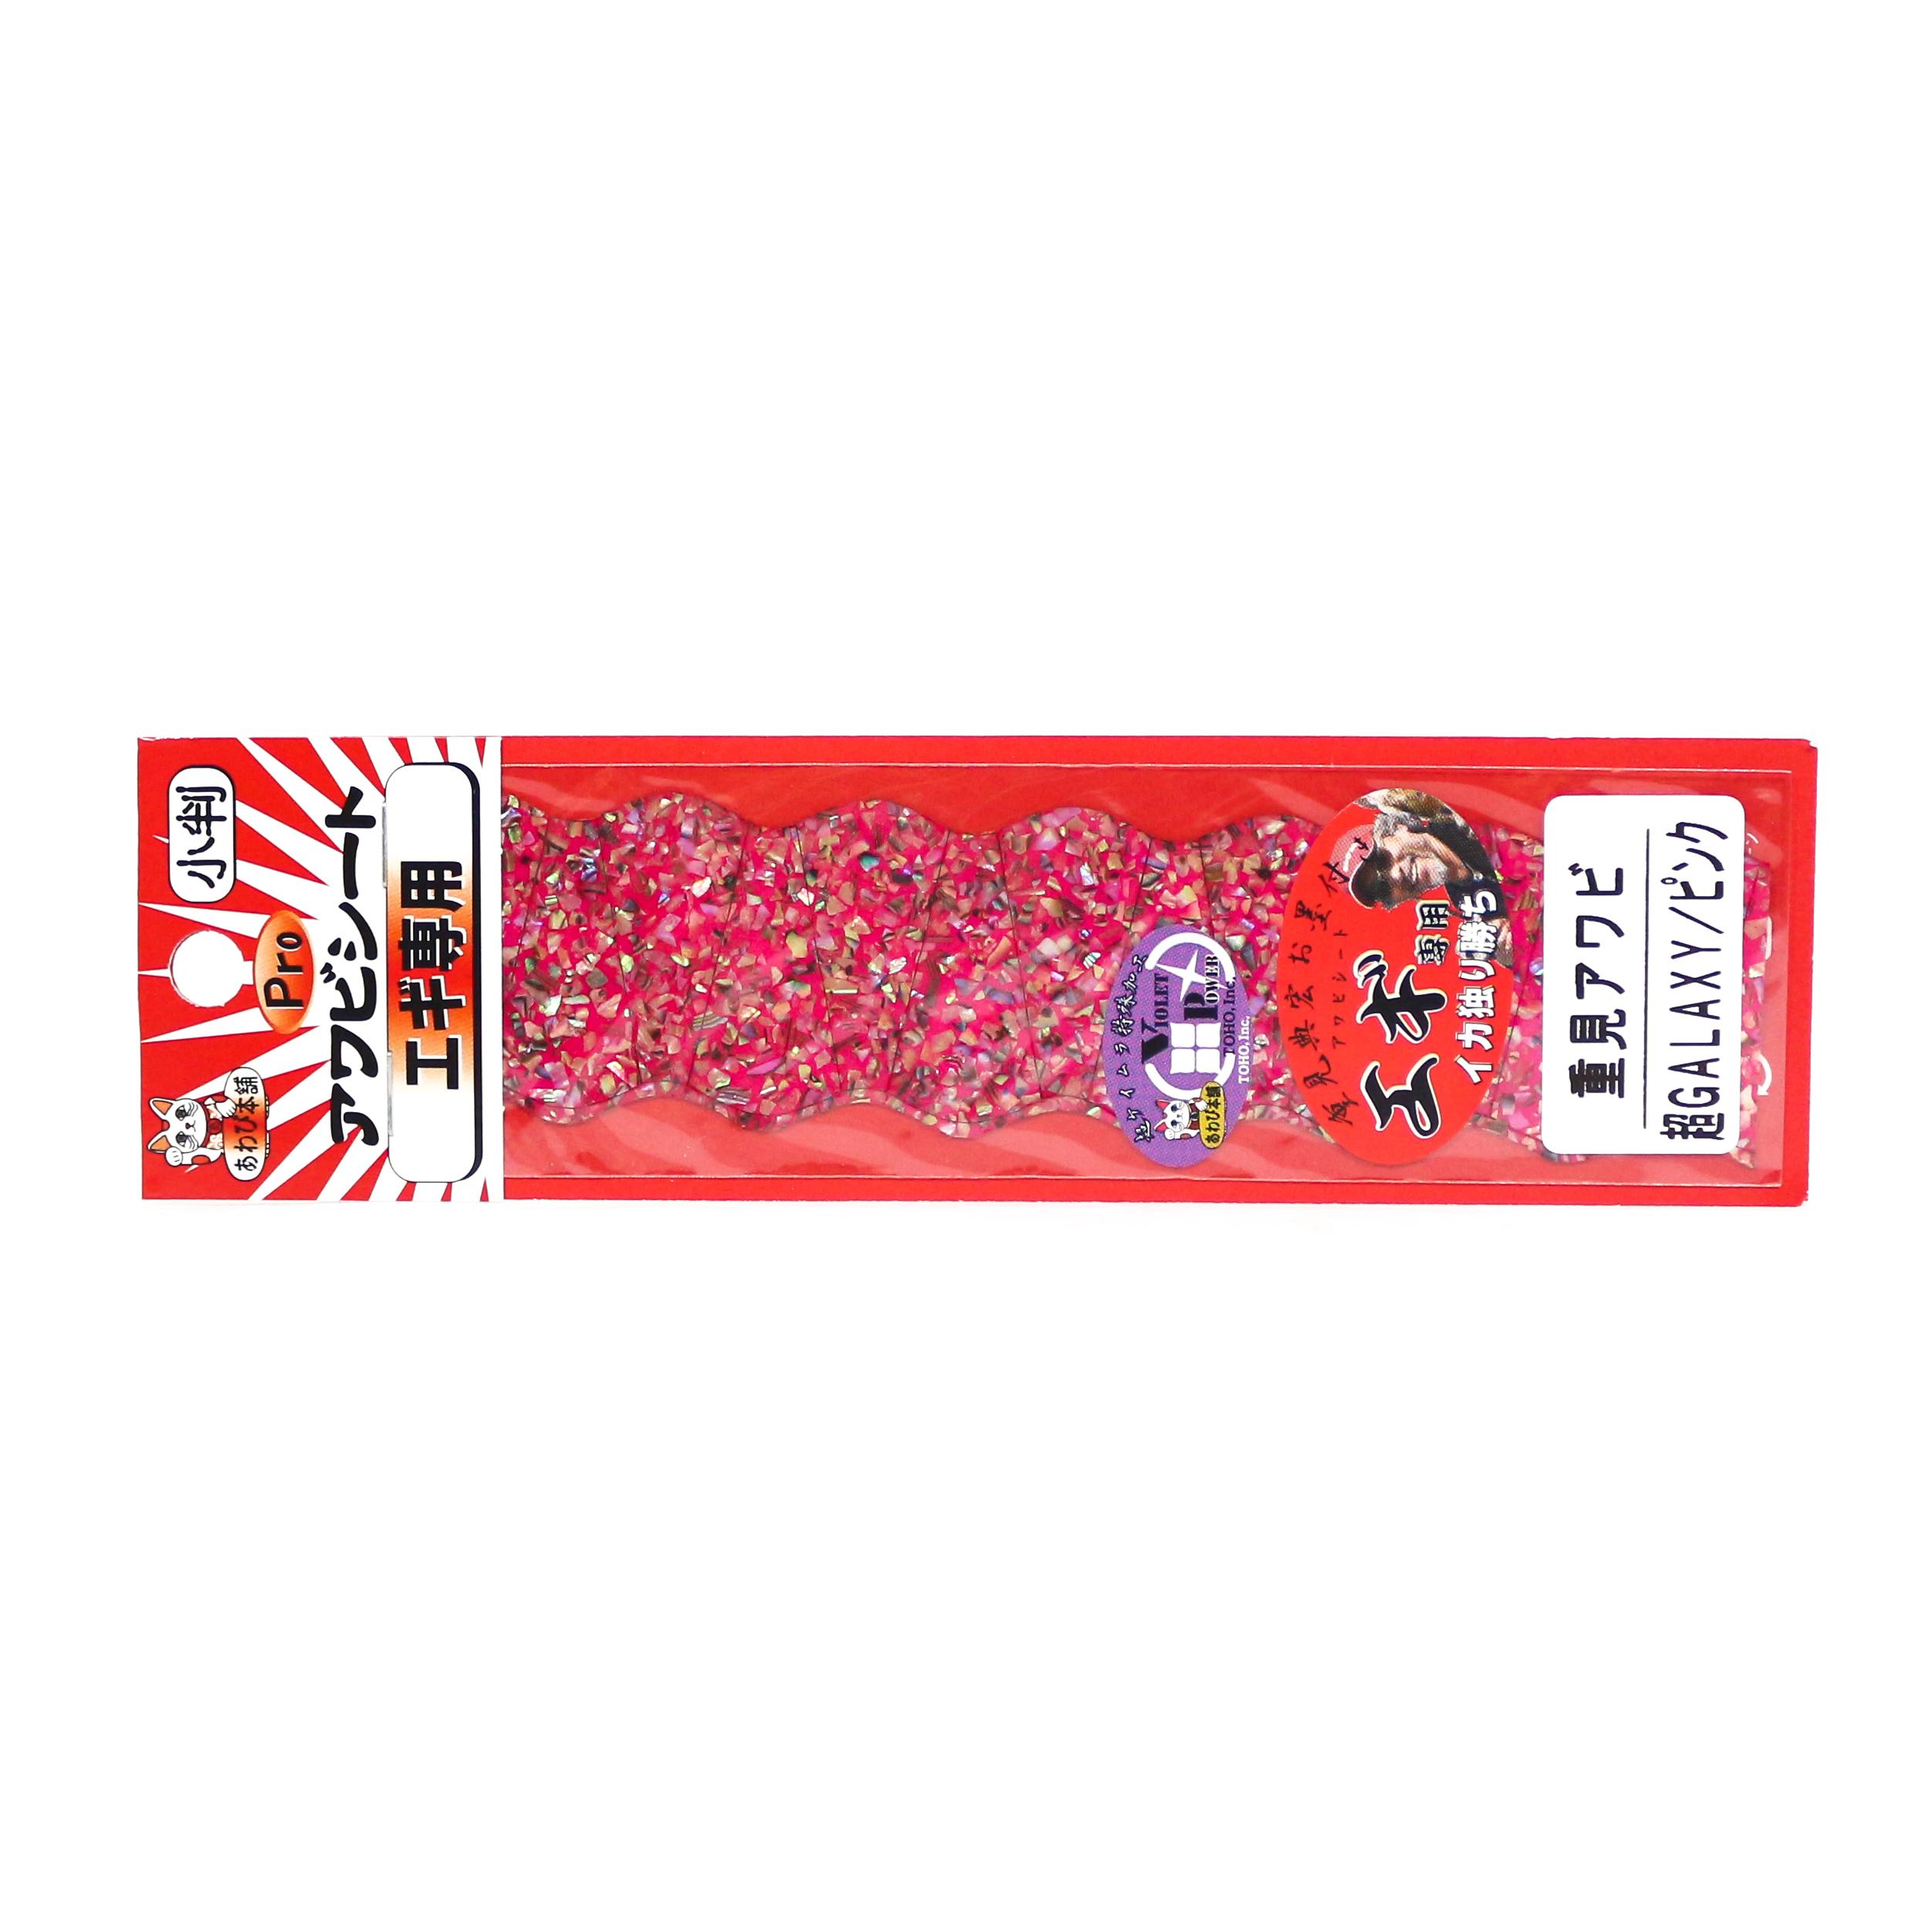 Awabi Honpo Pro Awabi Sheet Shigemi Size S 40 x 140 mm Galaxy/Pink (3085)